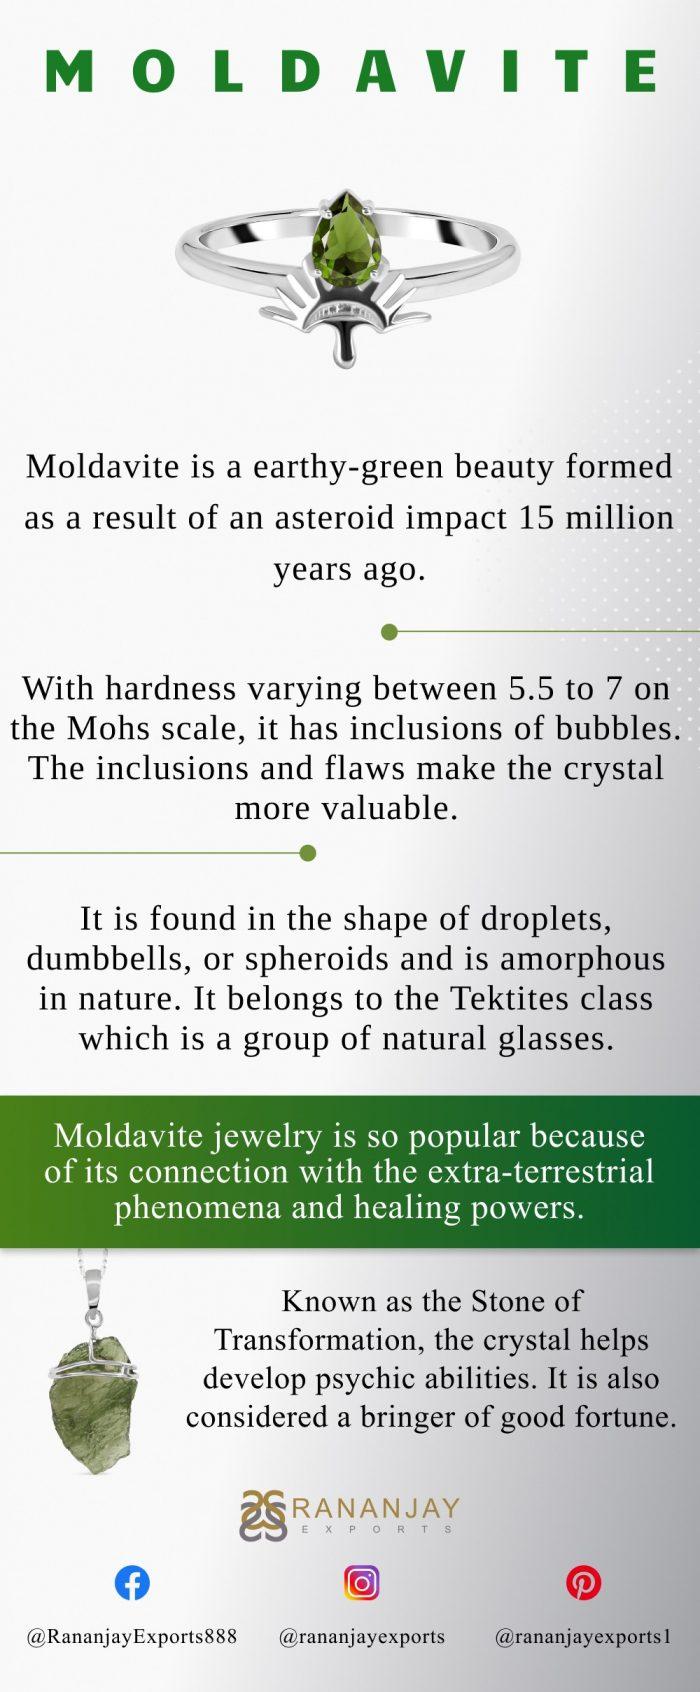 About Moldavite Jewelry